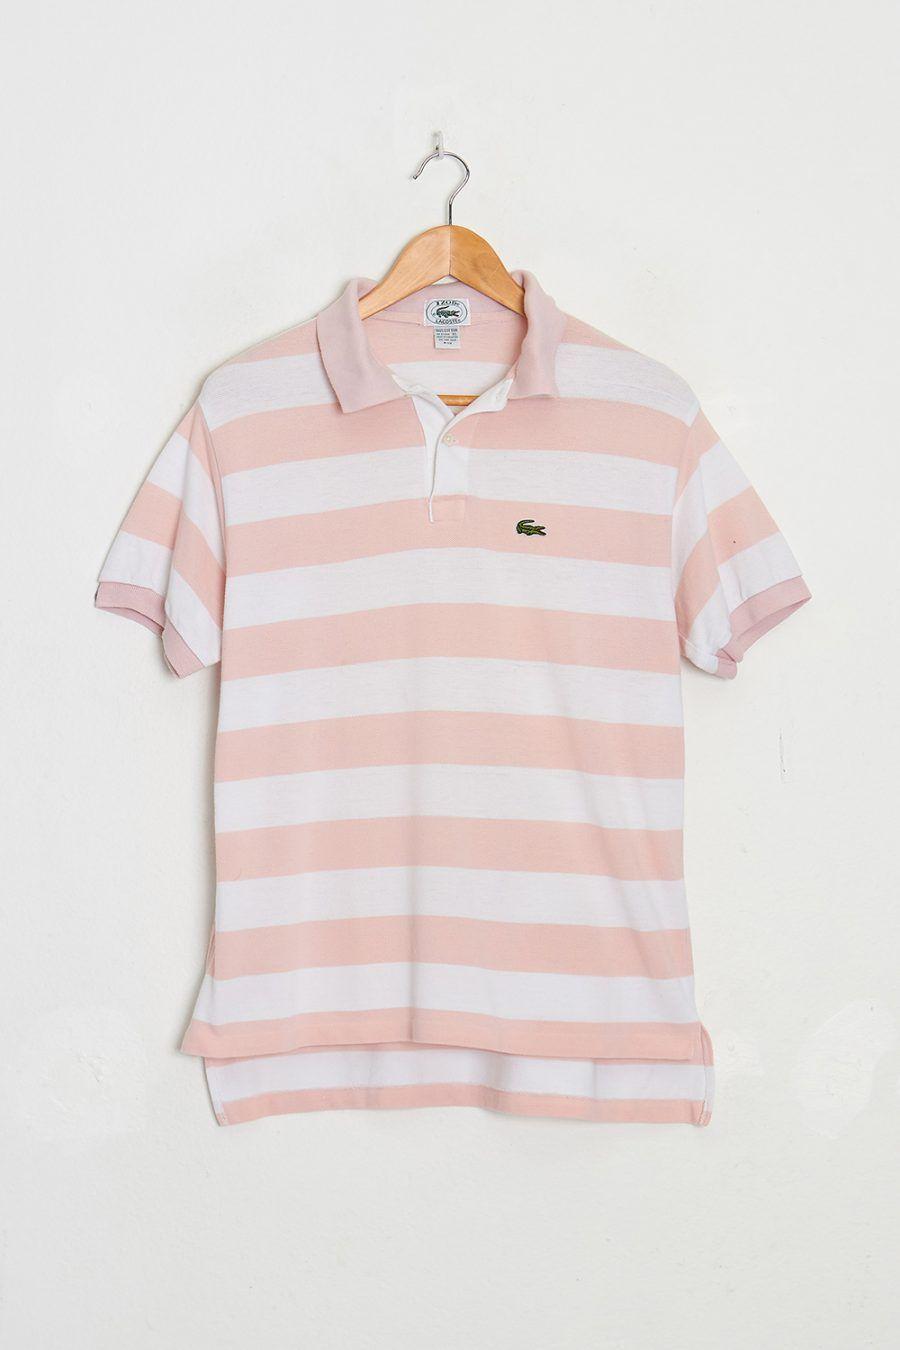 8b158b3d Vintage Izod Lacoste Stripe Polo T-shirt | New Arrivals | Vintage ...